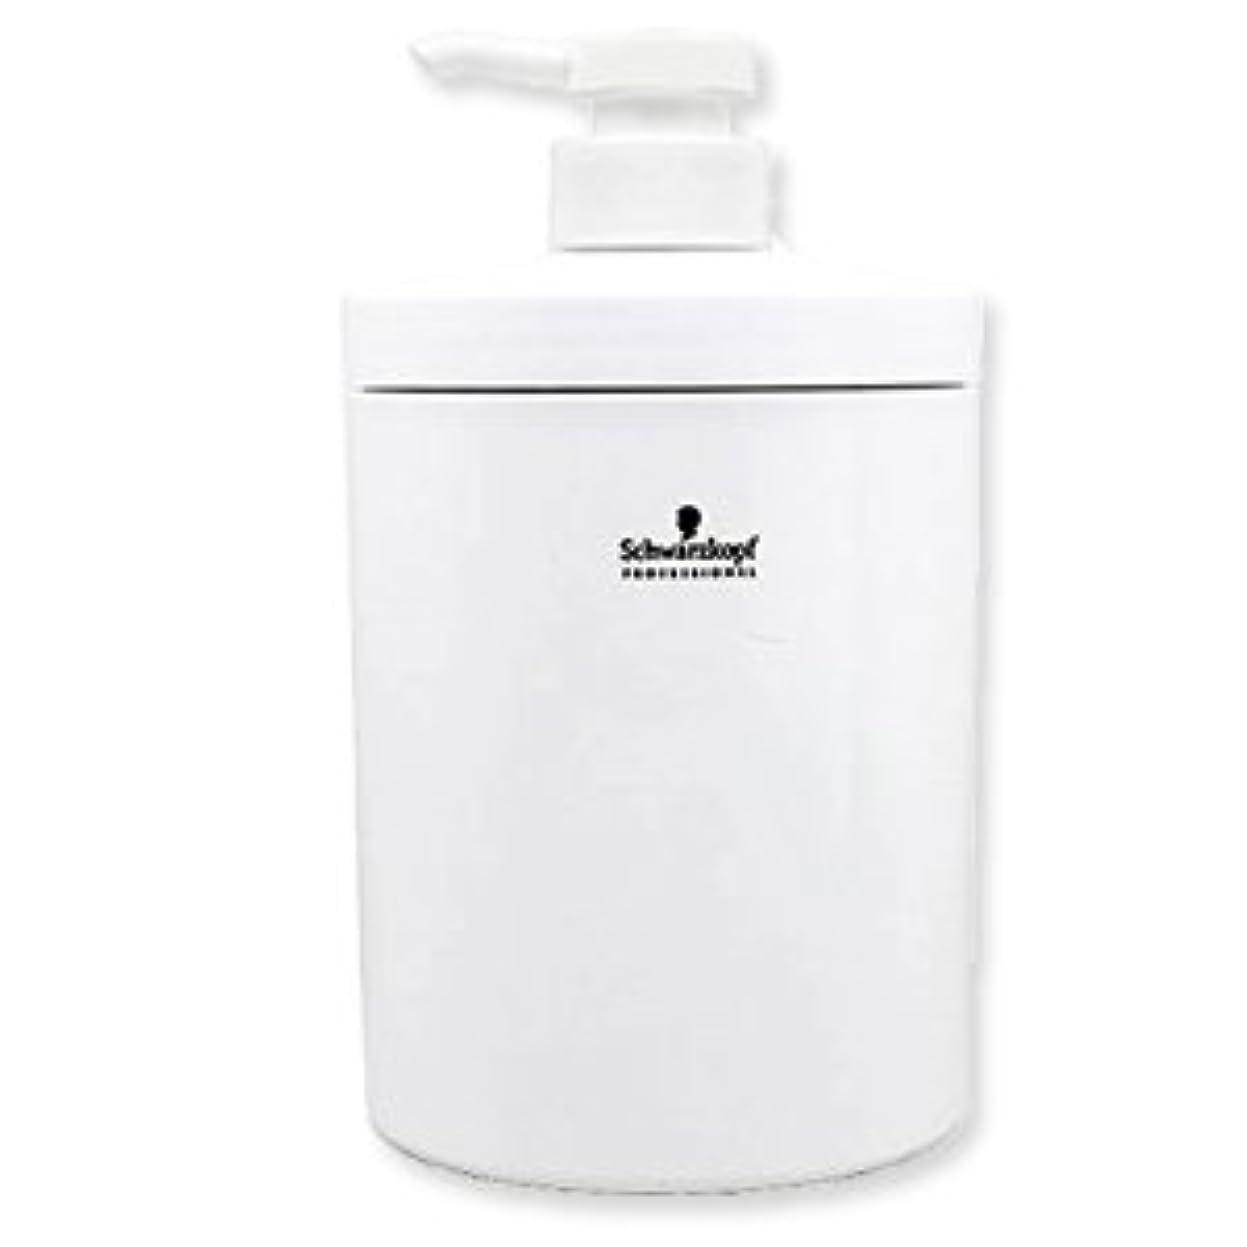 ピービッシュ予防接種する急降下シュワルツコフ エアレスポンプボトル(空容器)